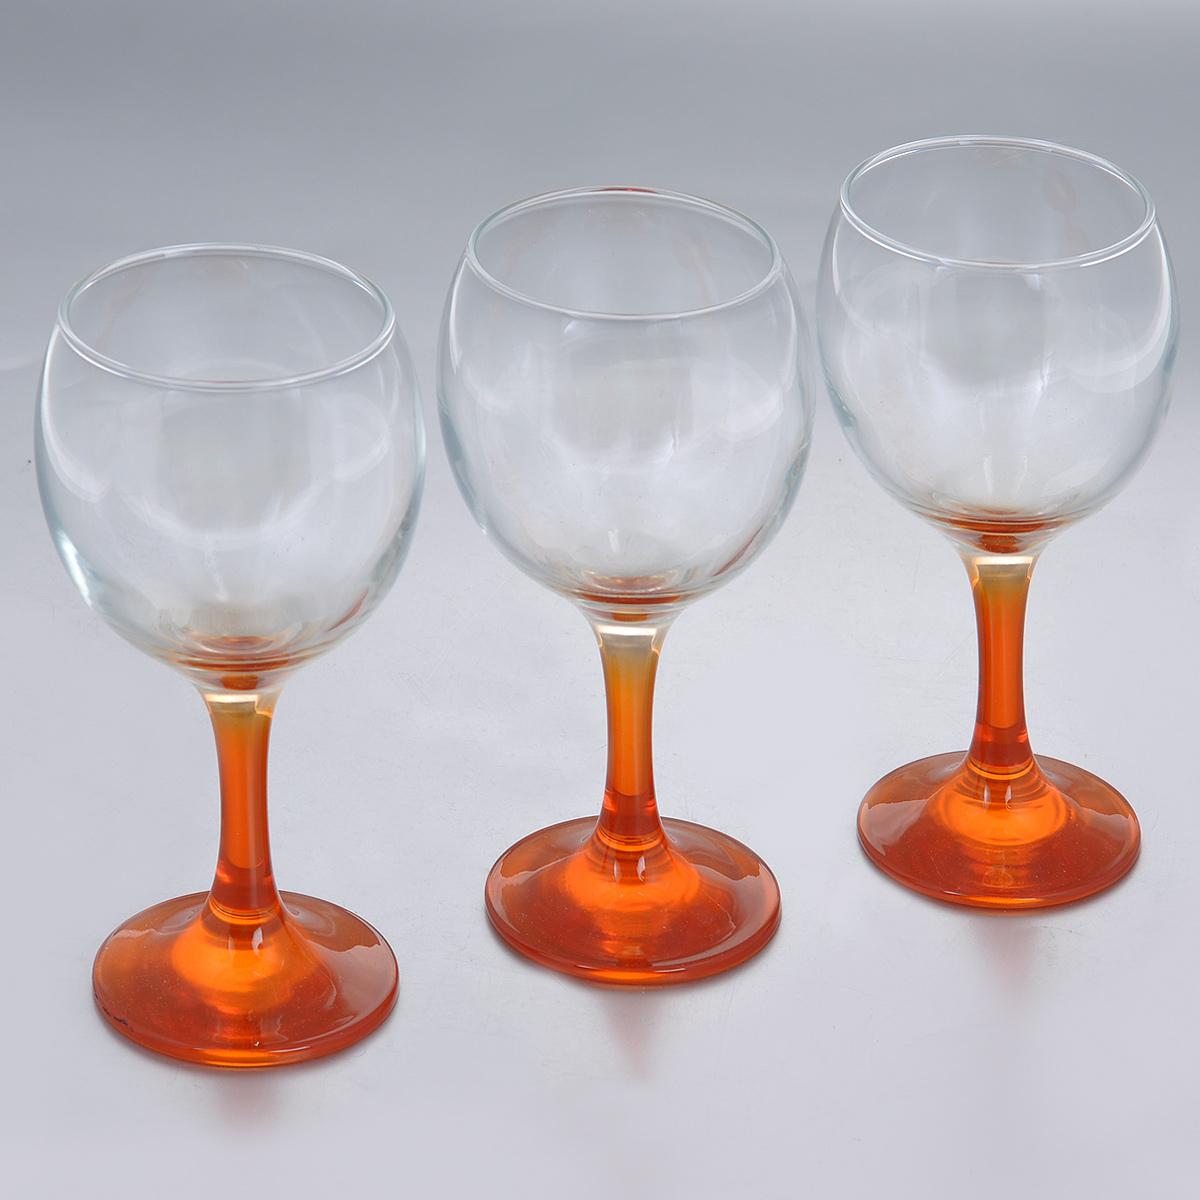 Набор фужеров Glass4you, цвет: оранжевый, 220 мл, 3 шт44412OR/Набор Glass4you состоит из трех фужеров, выполненных из прочного натрий-кальций-силикатного стекла. Изделия имеют тонкие высокие цветные ножки. Фужеры излучают приятный блеск и издают мелодичный звон. Предназначены для подачи вина. Набор фужеров Glass4you прекрасно оформит праздничный стол и станет хорошим подарком к любому случаю. Можно мыть в посудомоечной машине. Диаметр фужера (по верхнему краю): 6,6 см. Высота фужера: 14,5 см. Диаметр основания: 6,4 см.